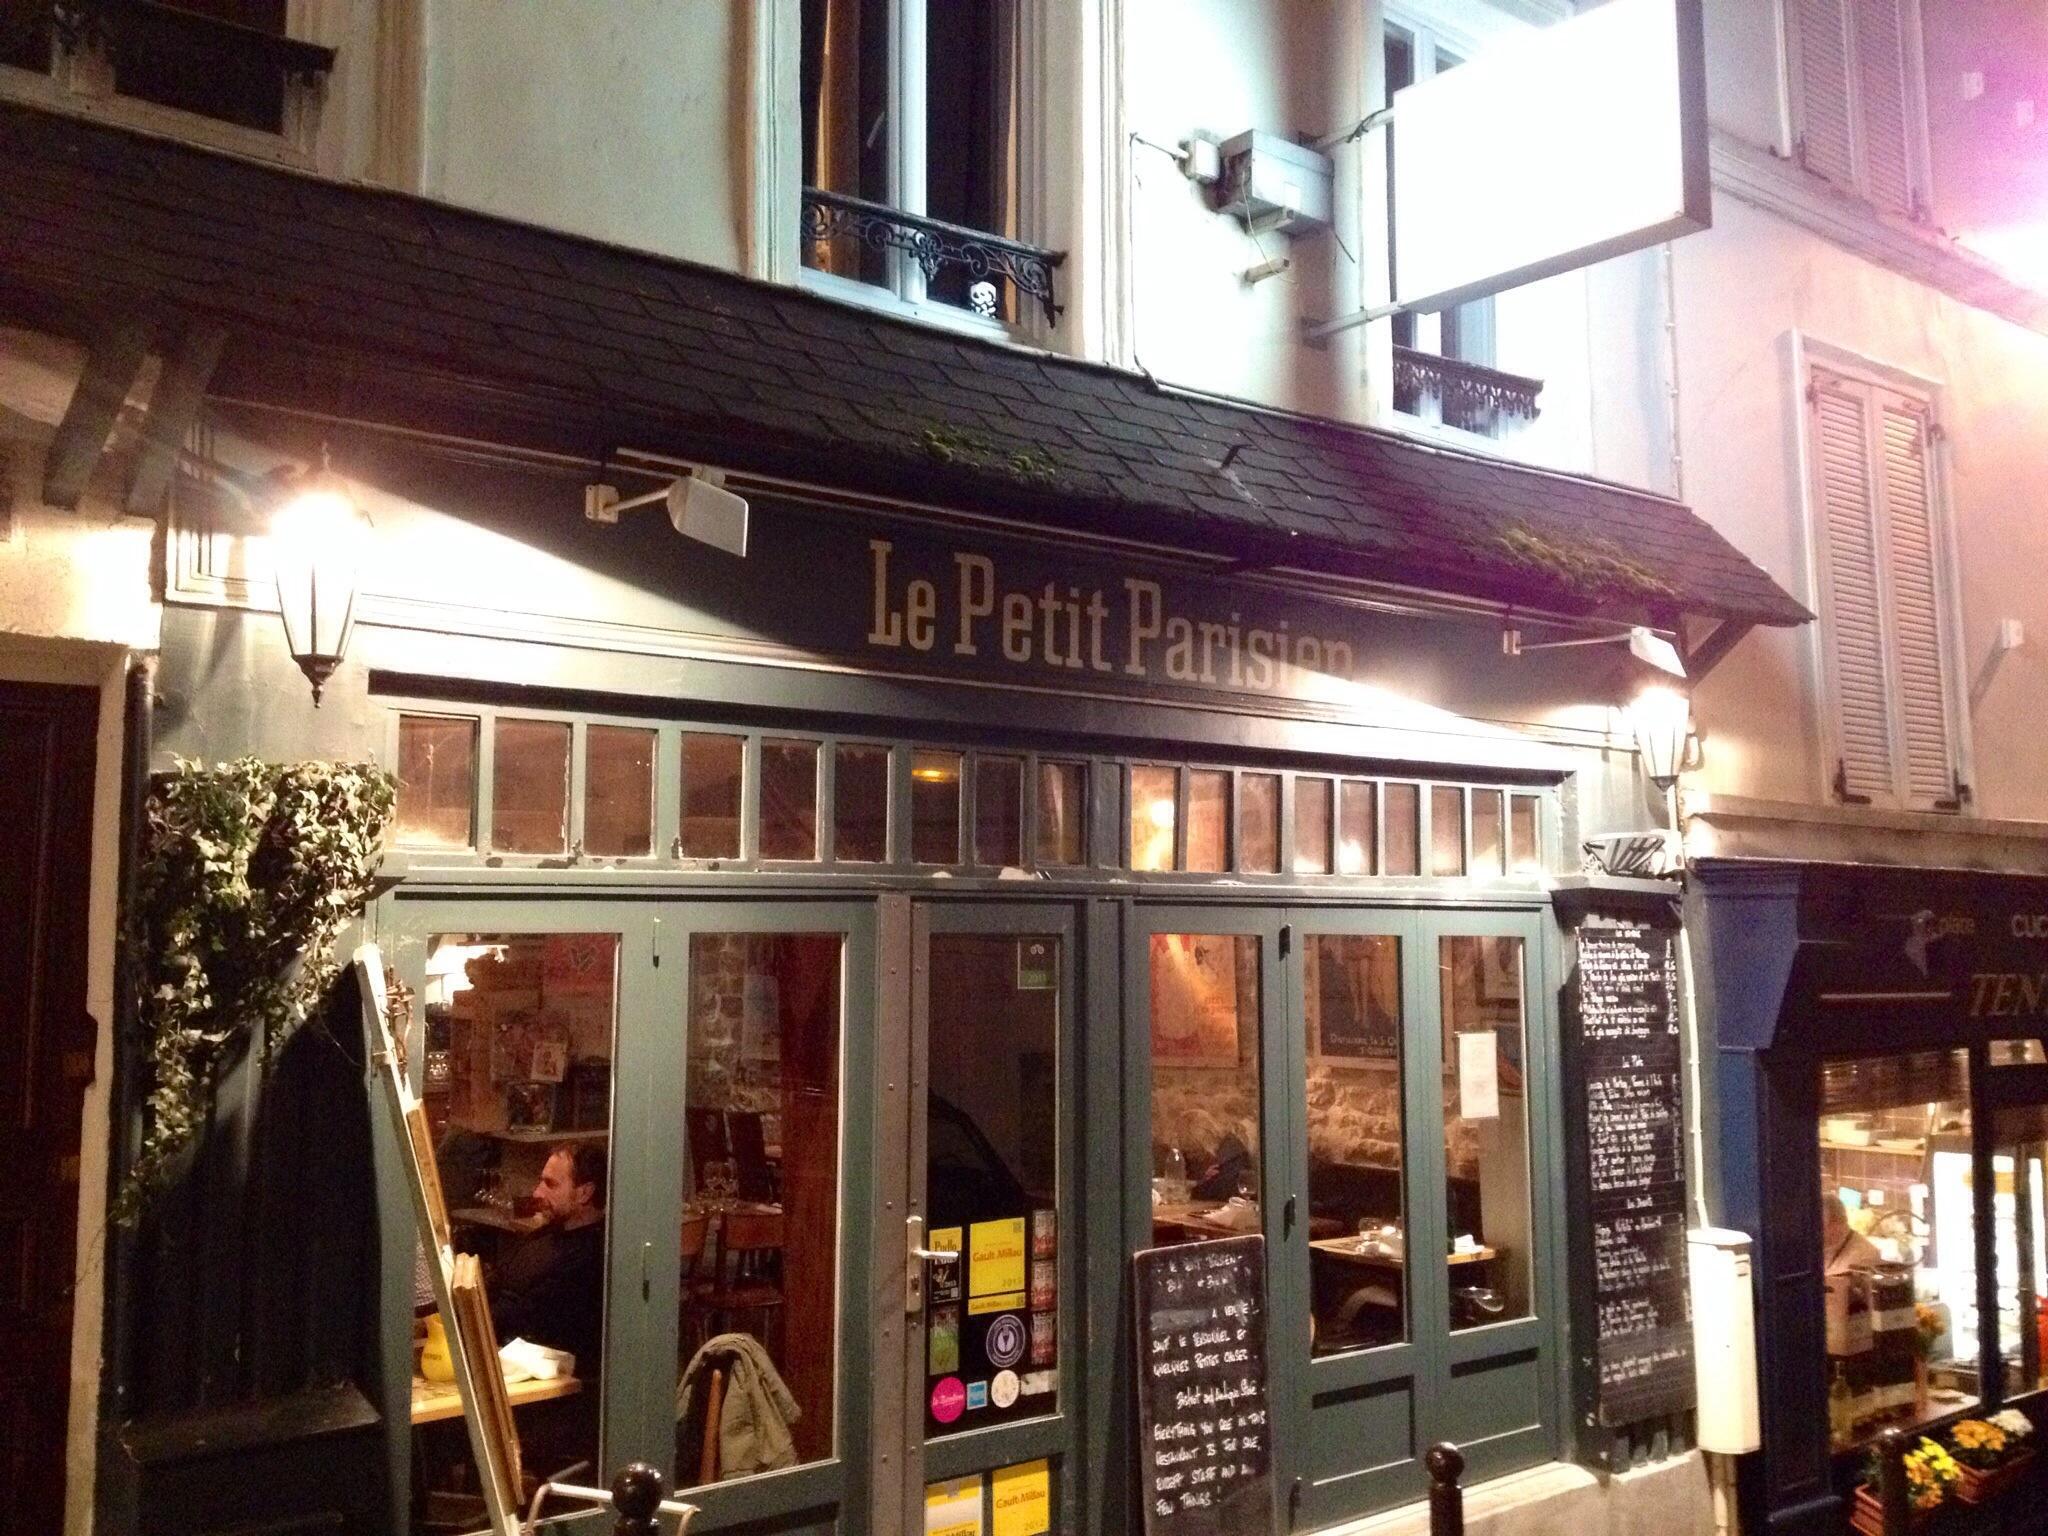 Le Petit Parisien, Montmartre, Paris (Did You Guess?)